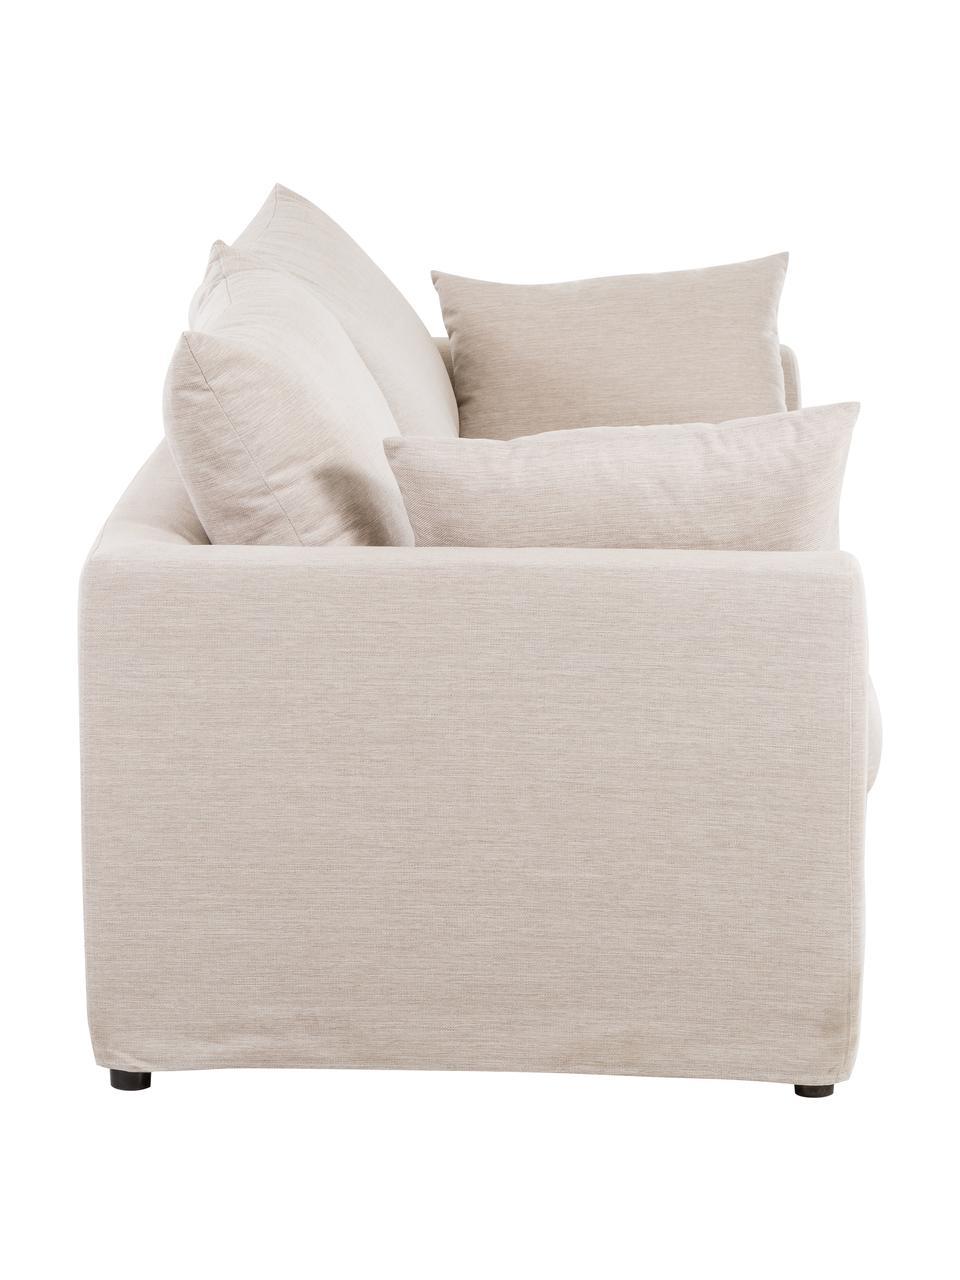 Sofa Zach (3-Sitzer) in Beige, Bezug: Polypropylen Der hochwert, Füße: Kunststoff, Webstoff Beige, B 231 x T 90 cm